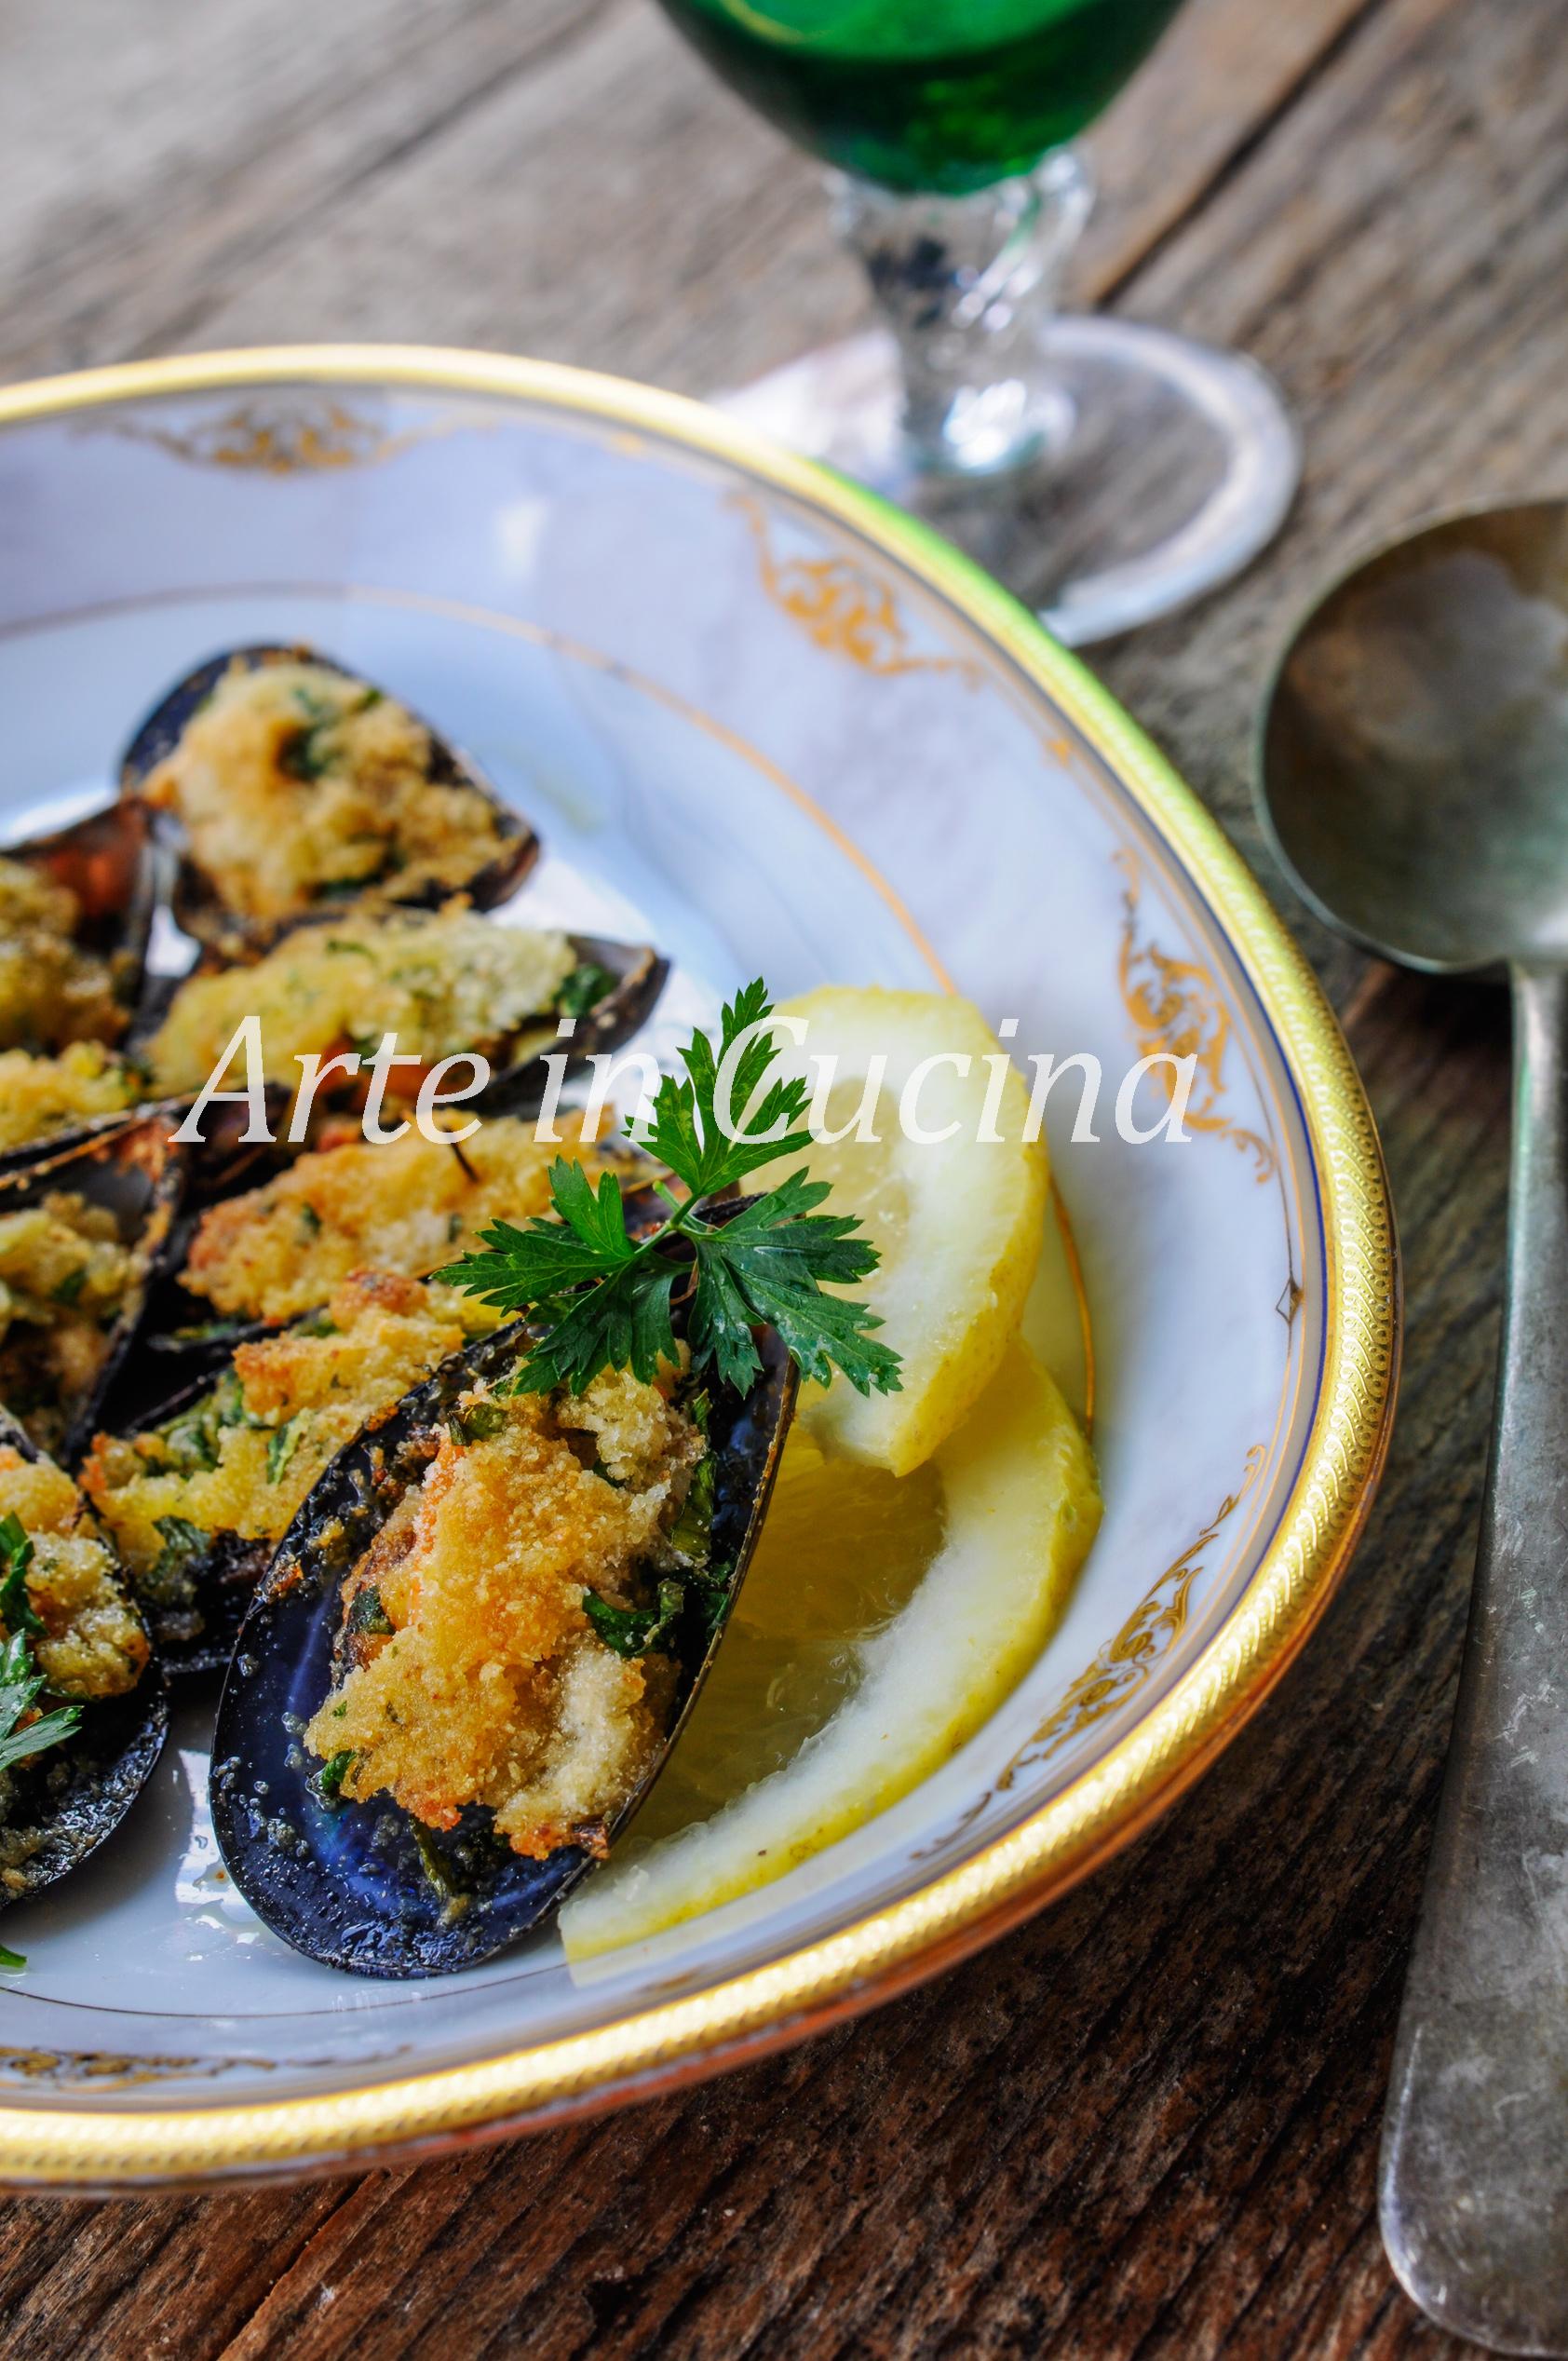 Cozze gratinate alla napoletana ricetta facile vickyart arte in cucina